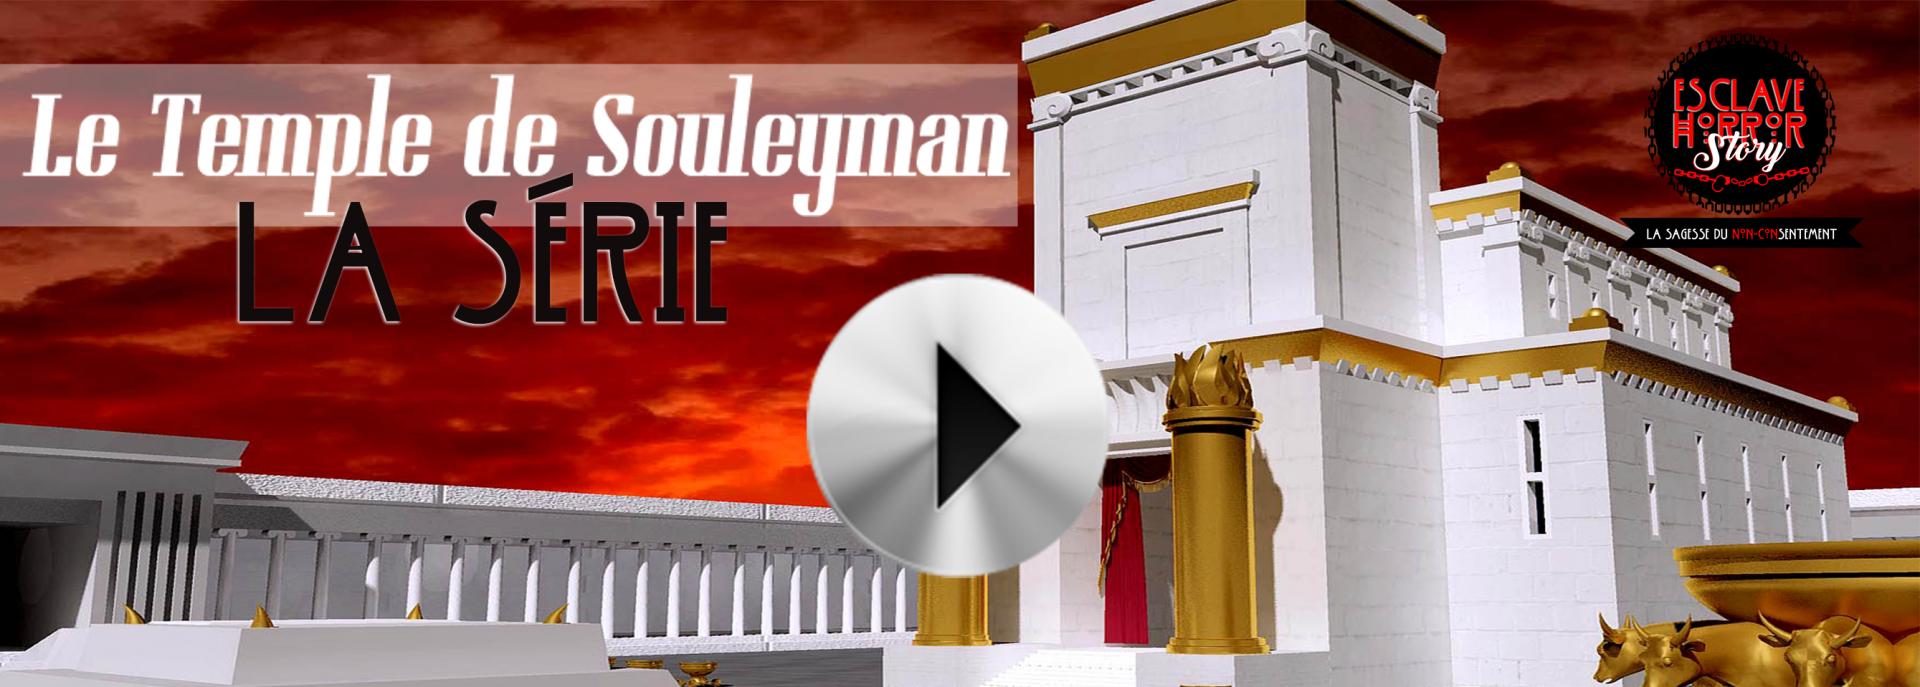 Le temple de souleyman